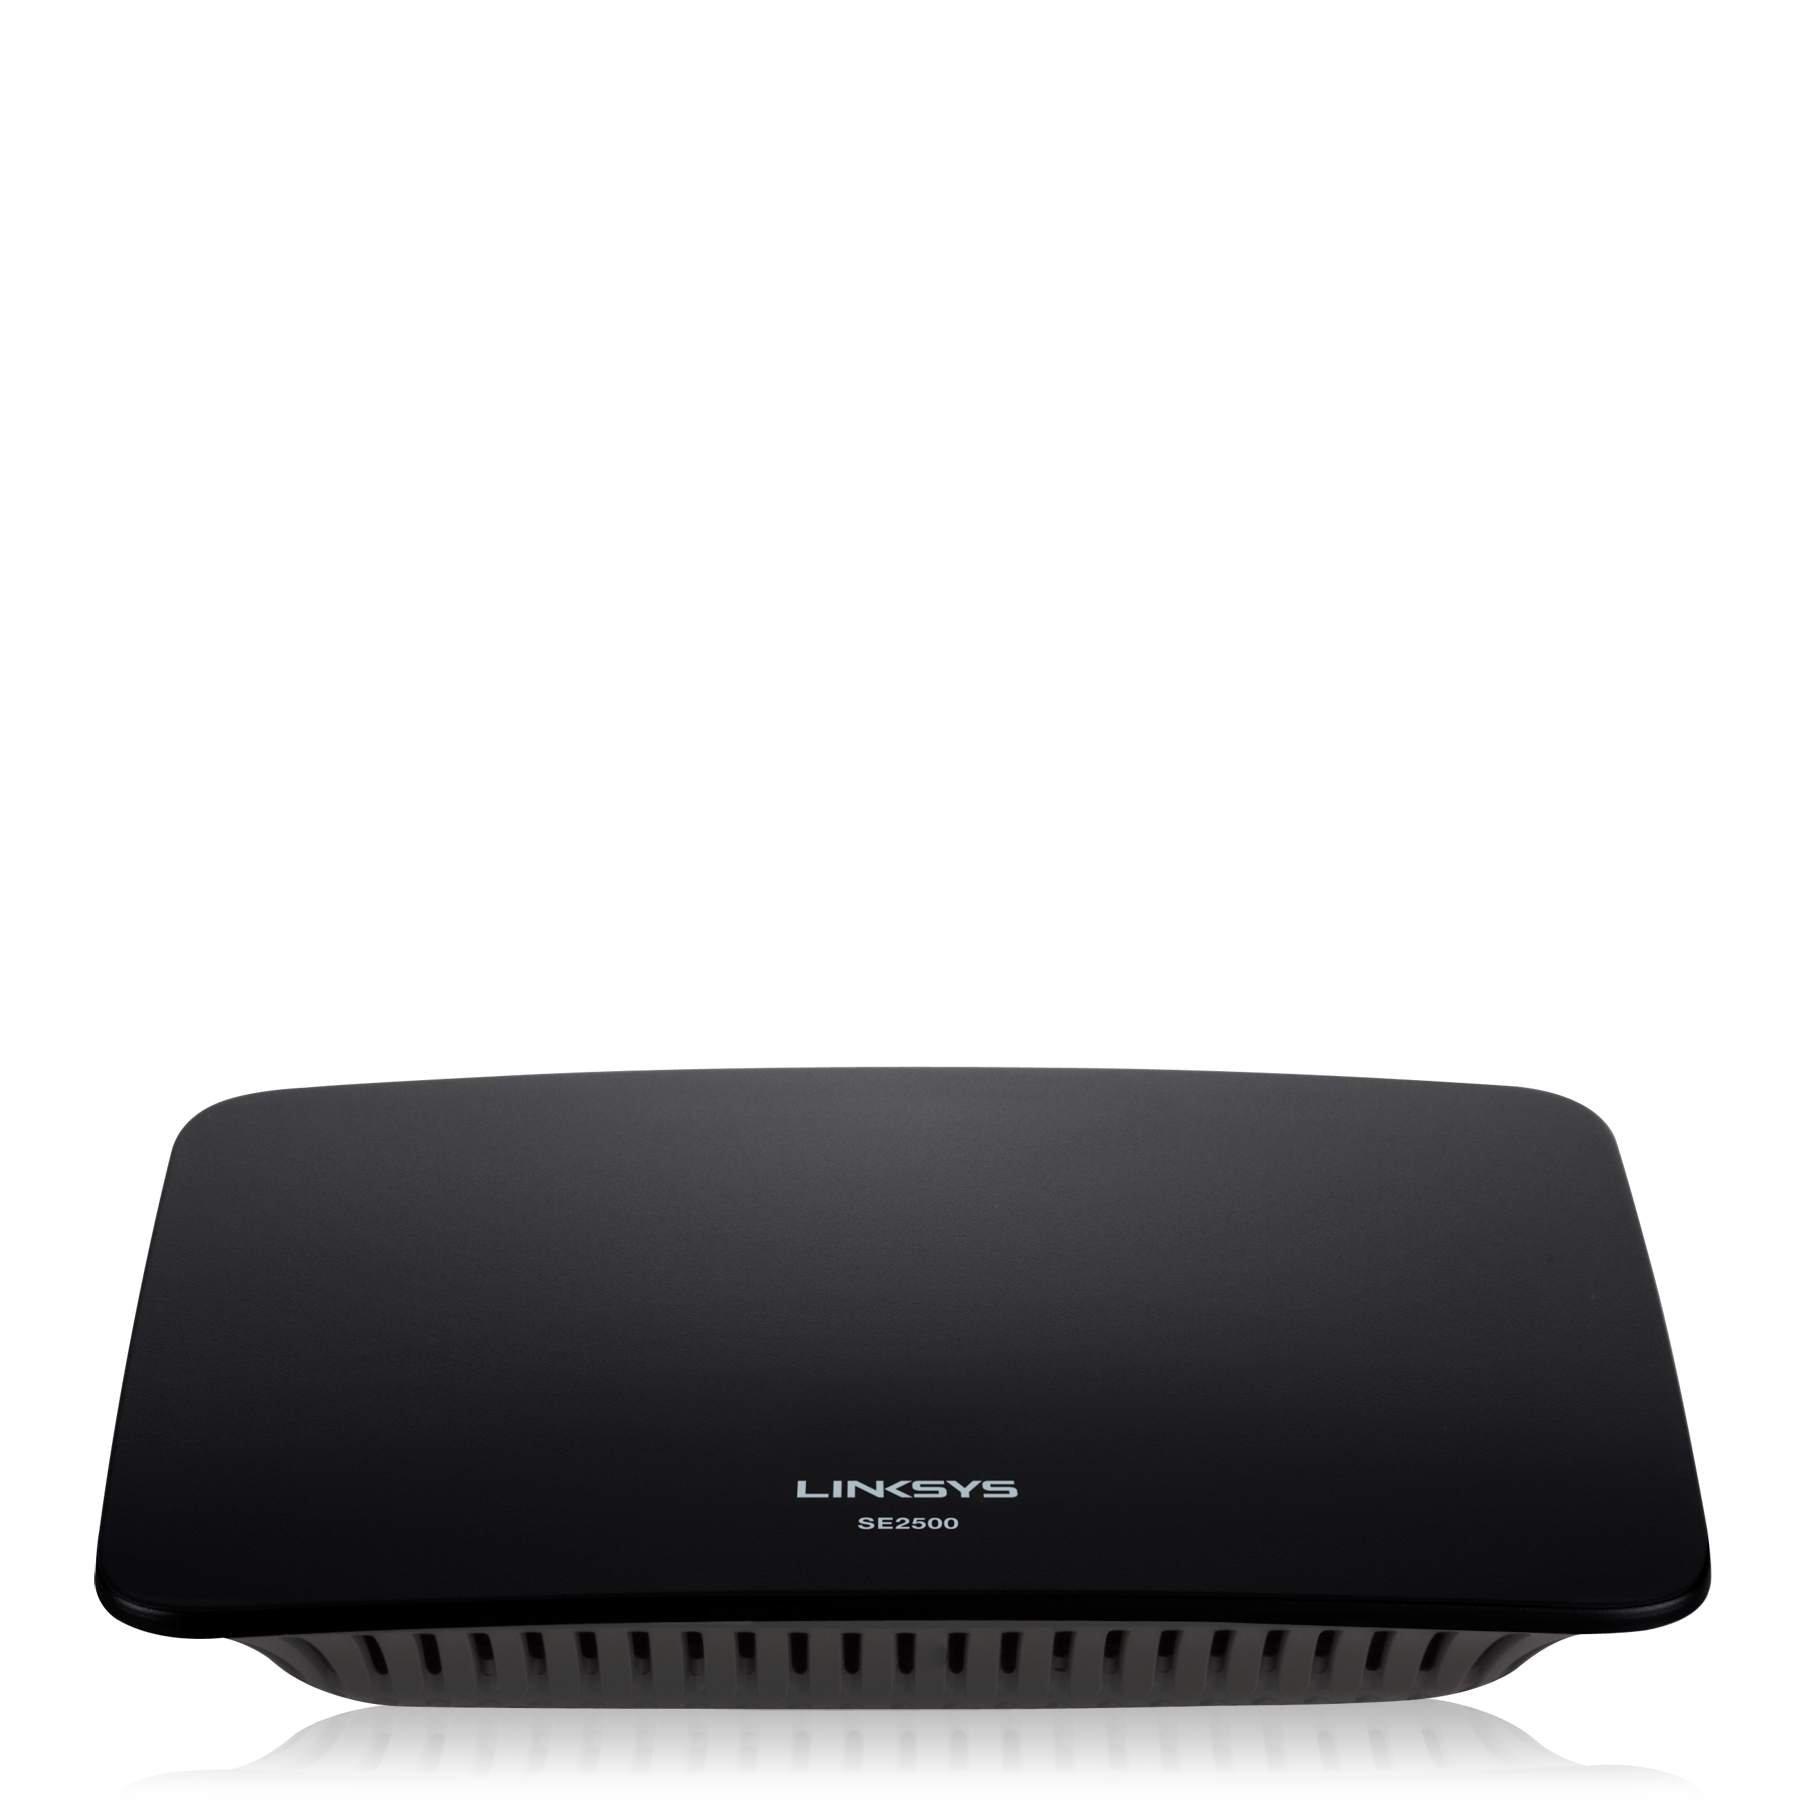 Linksys SE2500 5-Port Gigabit Ethernet Switch by Linksys